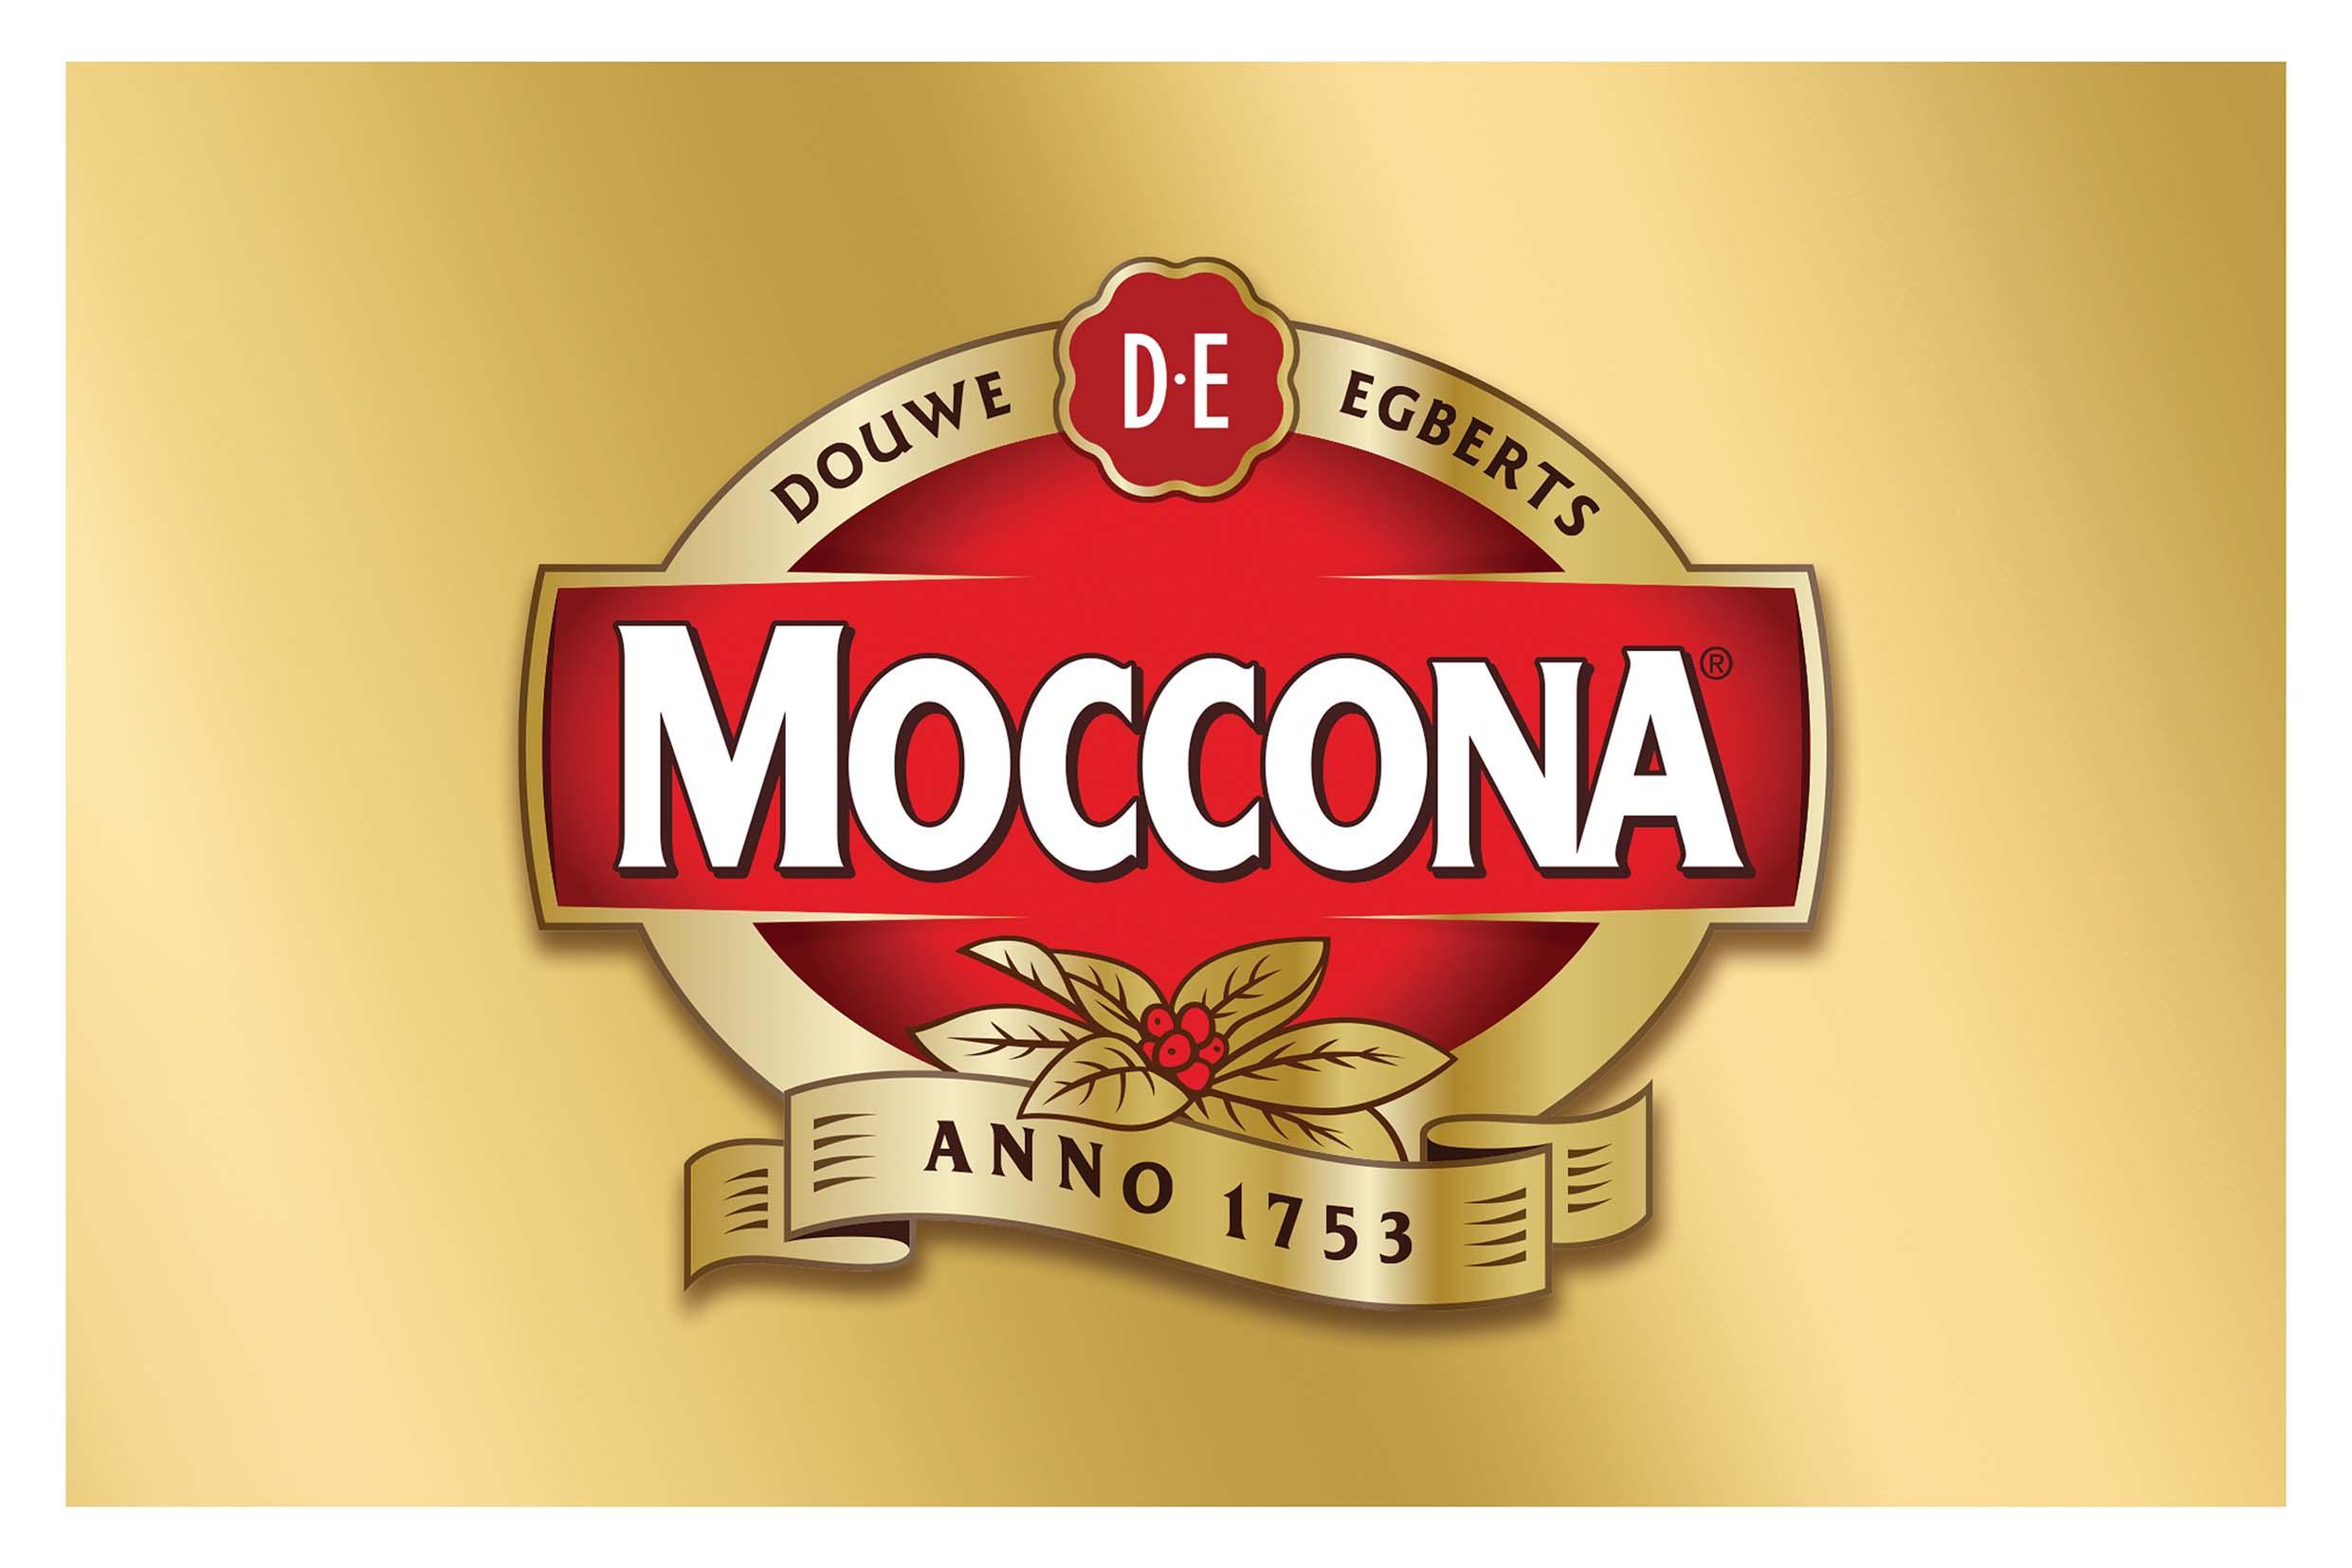 Douwer Egberts_Moccona Layouts_New logo_Gold_RGB 150dpi.jpg